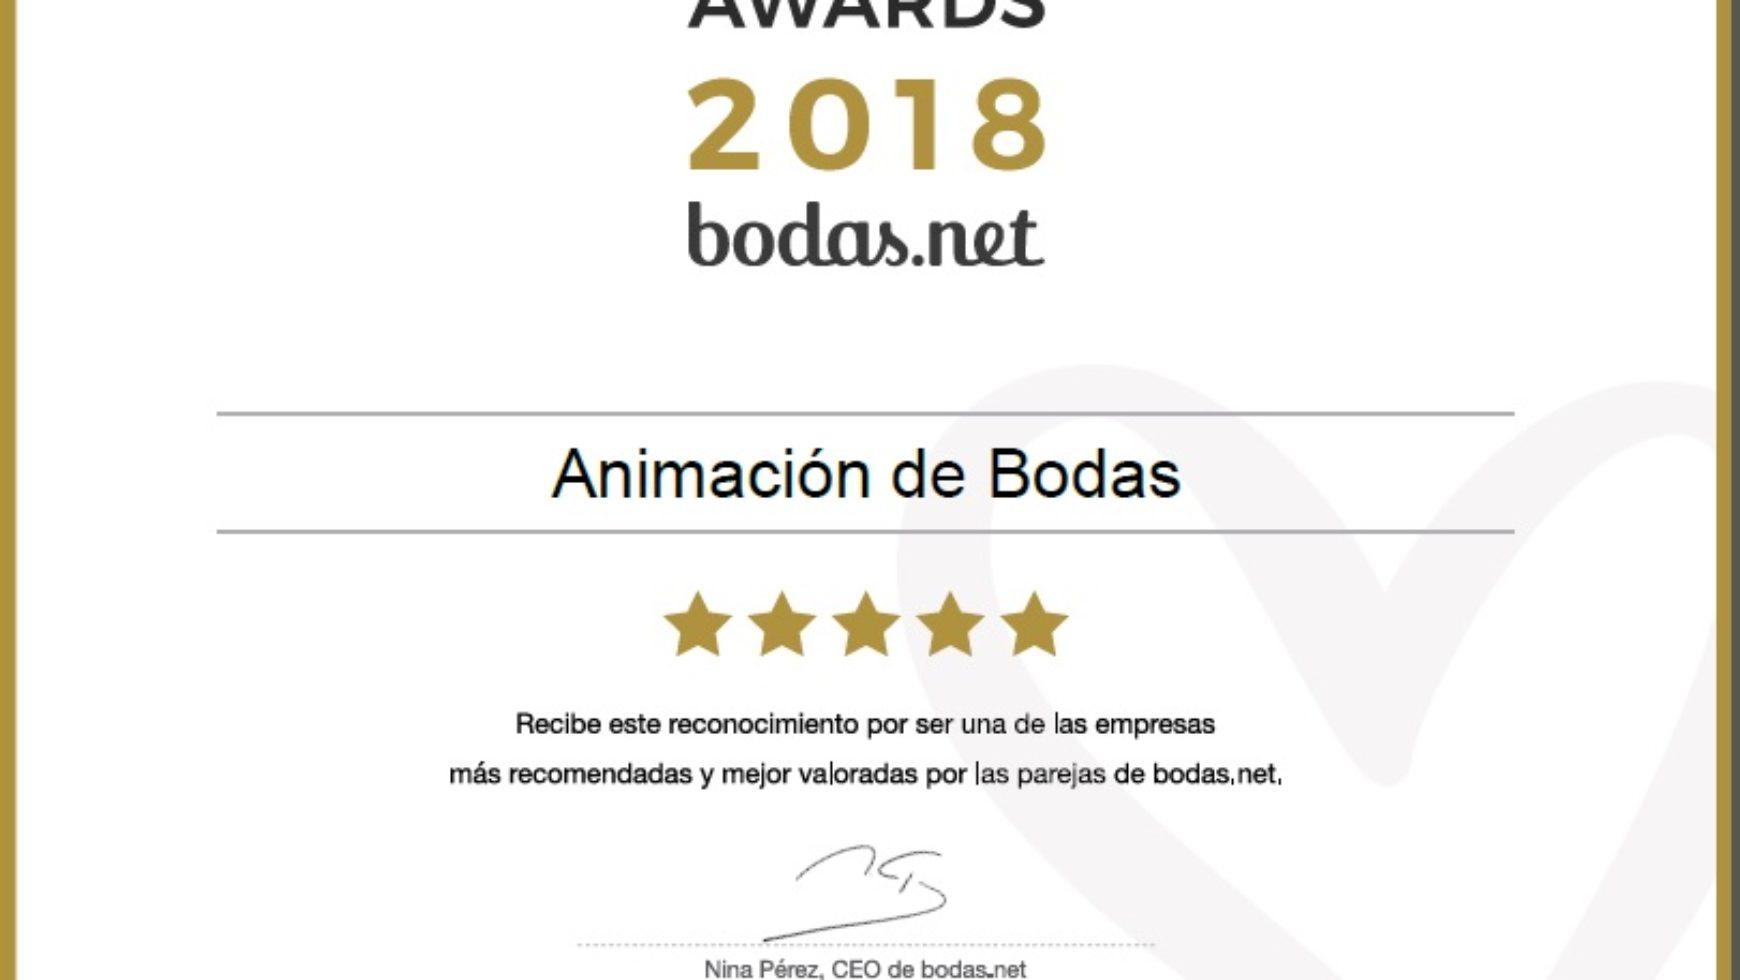 Wedding awards 2018 Bodas.net; ¡¡ www.animacionloca.com campeones un año más!!